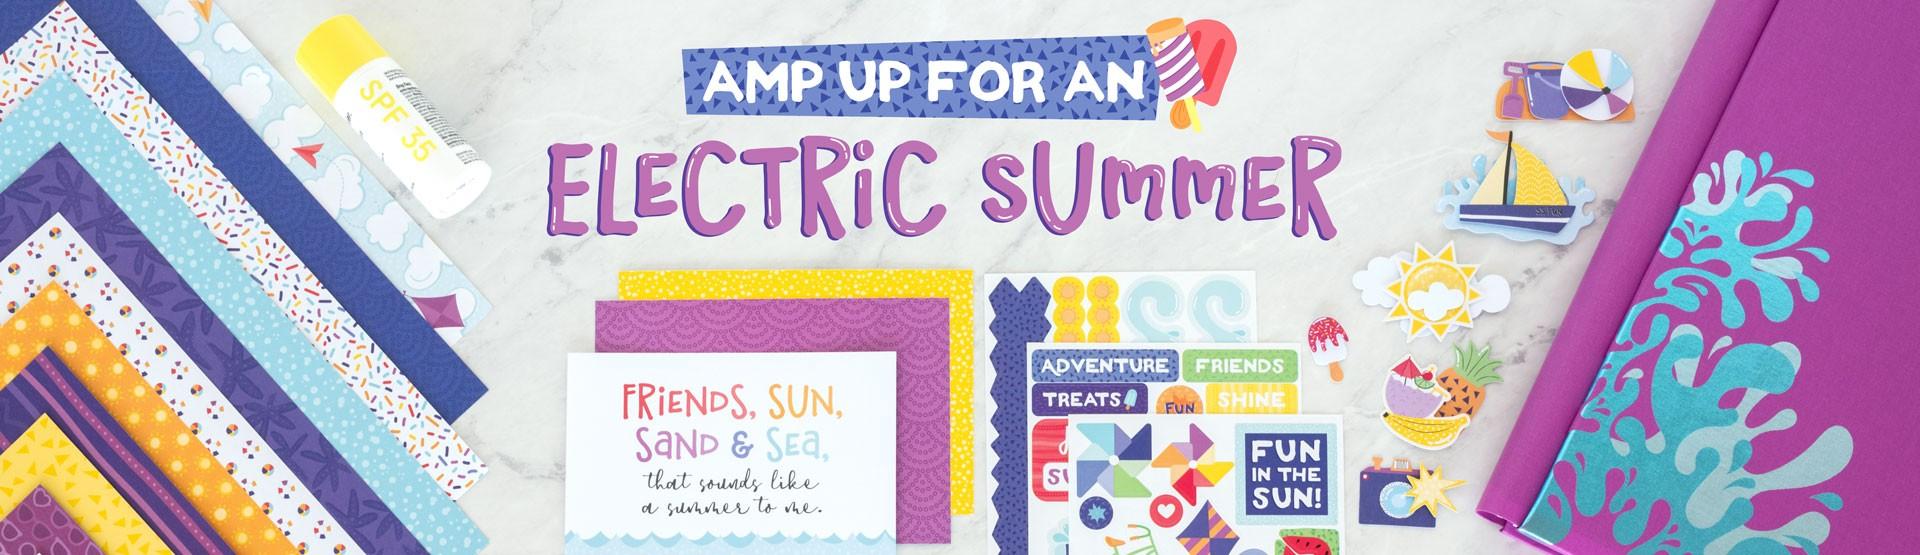 Summer & Beach: Electric Summer